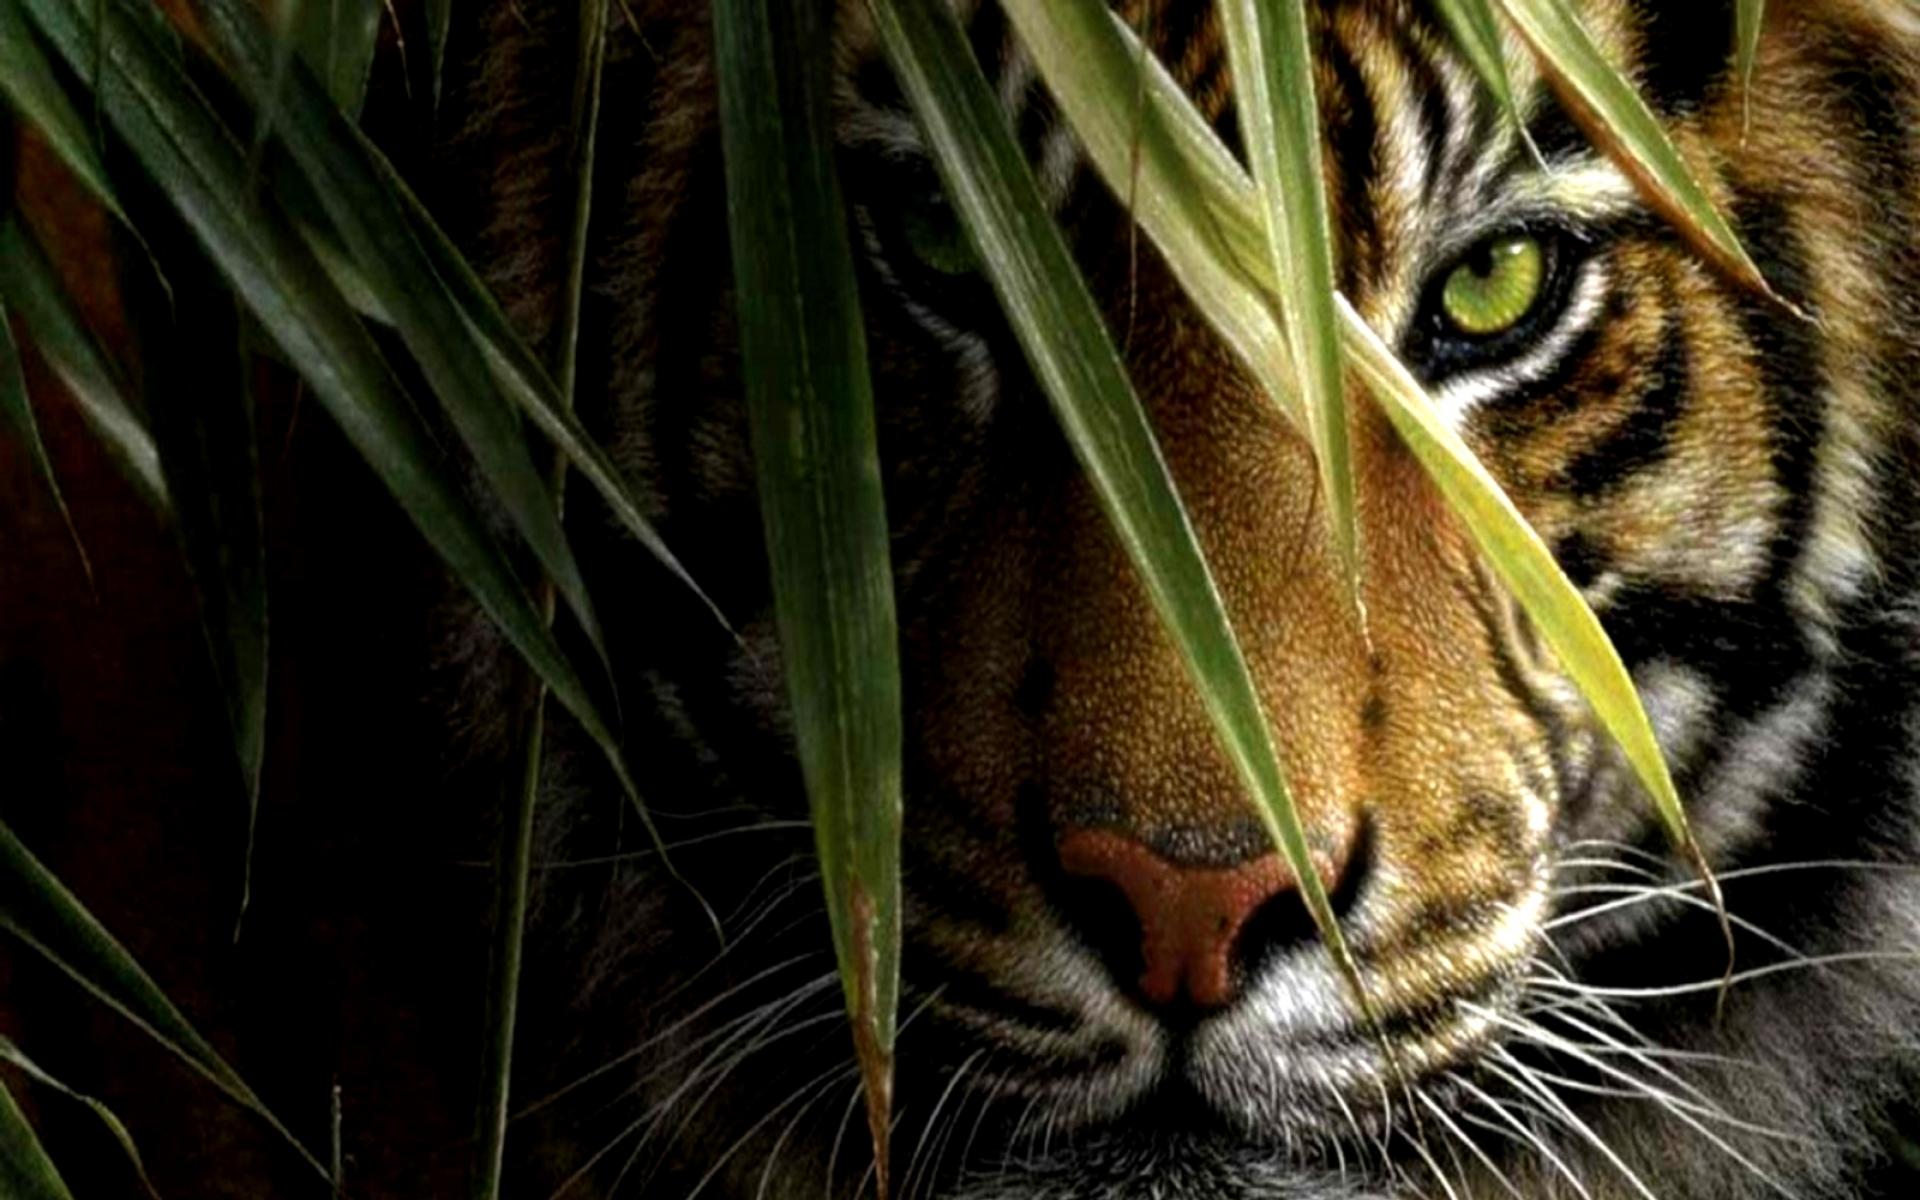 Tiger Wallpaper 1920x1200